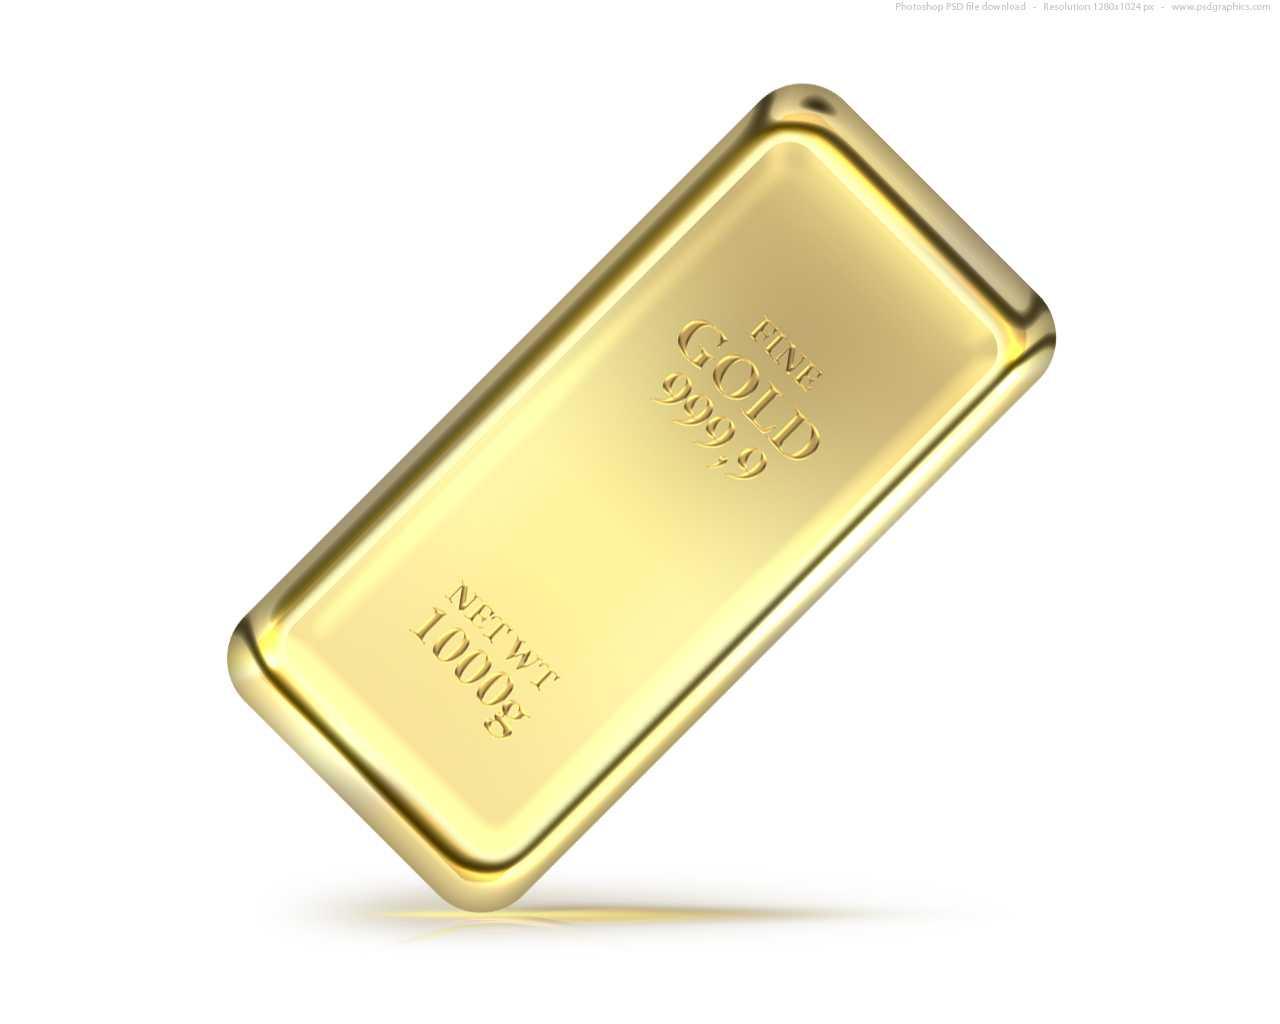 iPhoneが金の延べ棒に!?iPhone5のゴールドカスタムが凄い